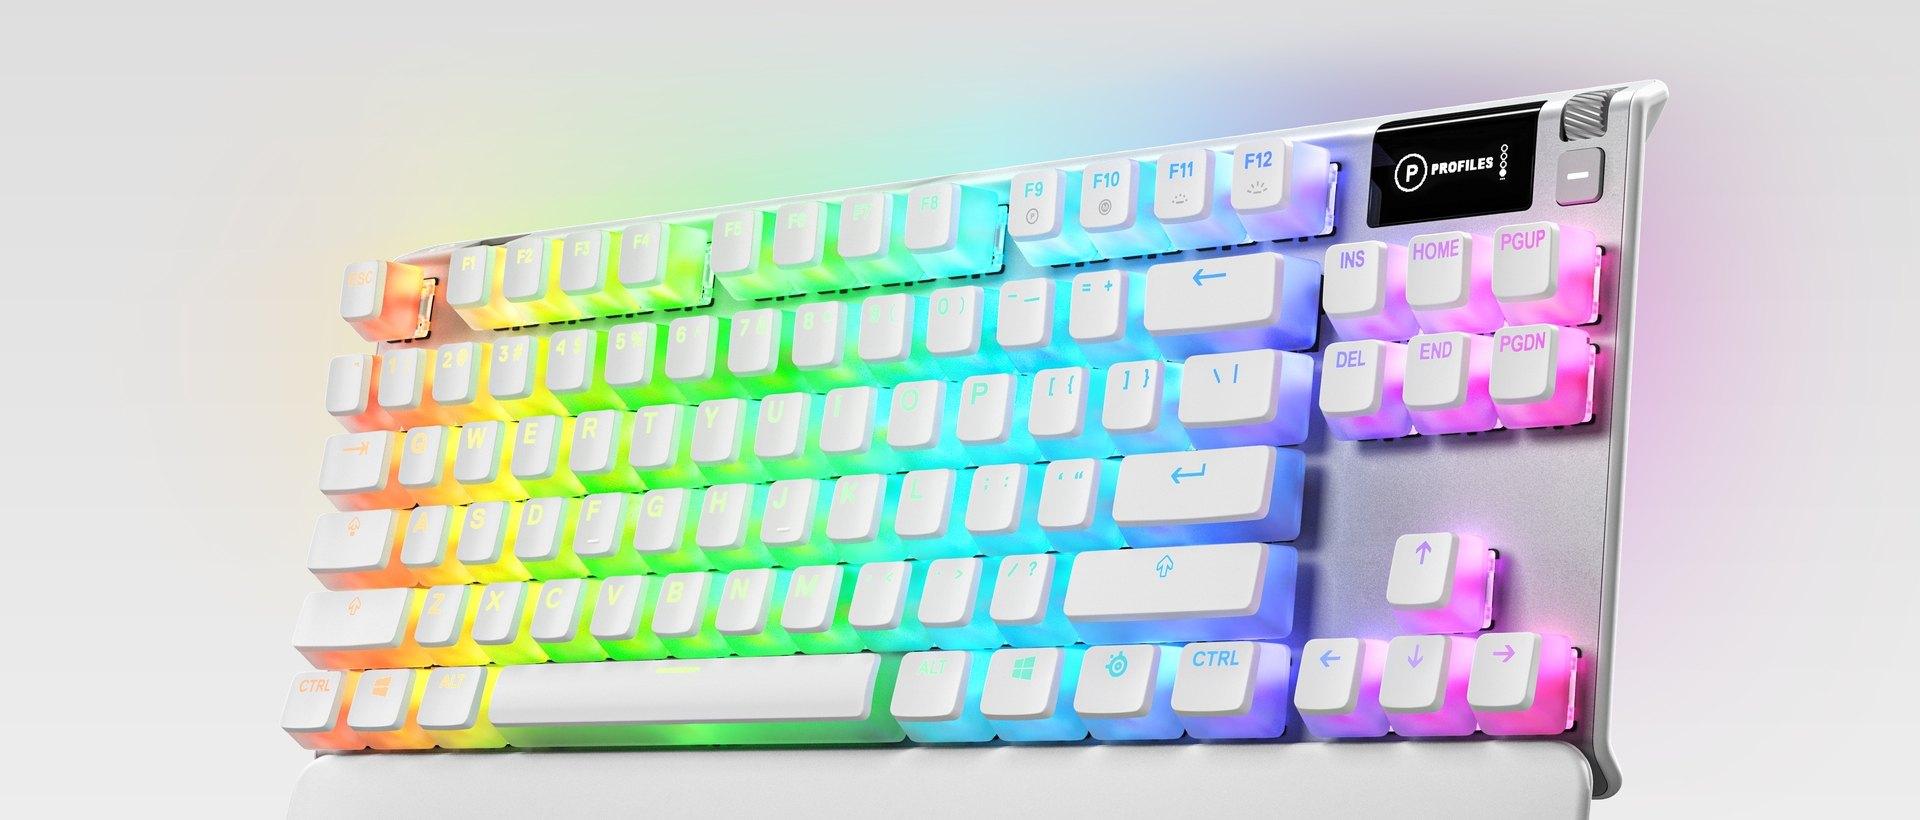 A closeup of PrismCaps, SteelSeries double shot PBT keycaps.